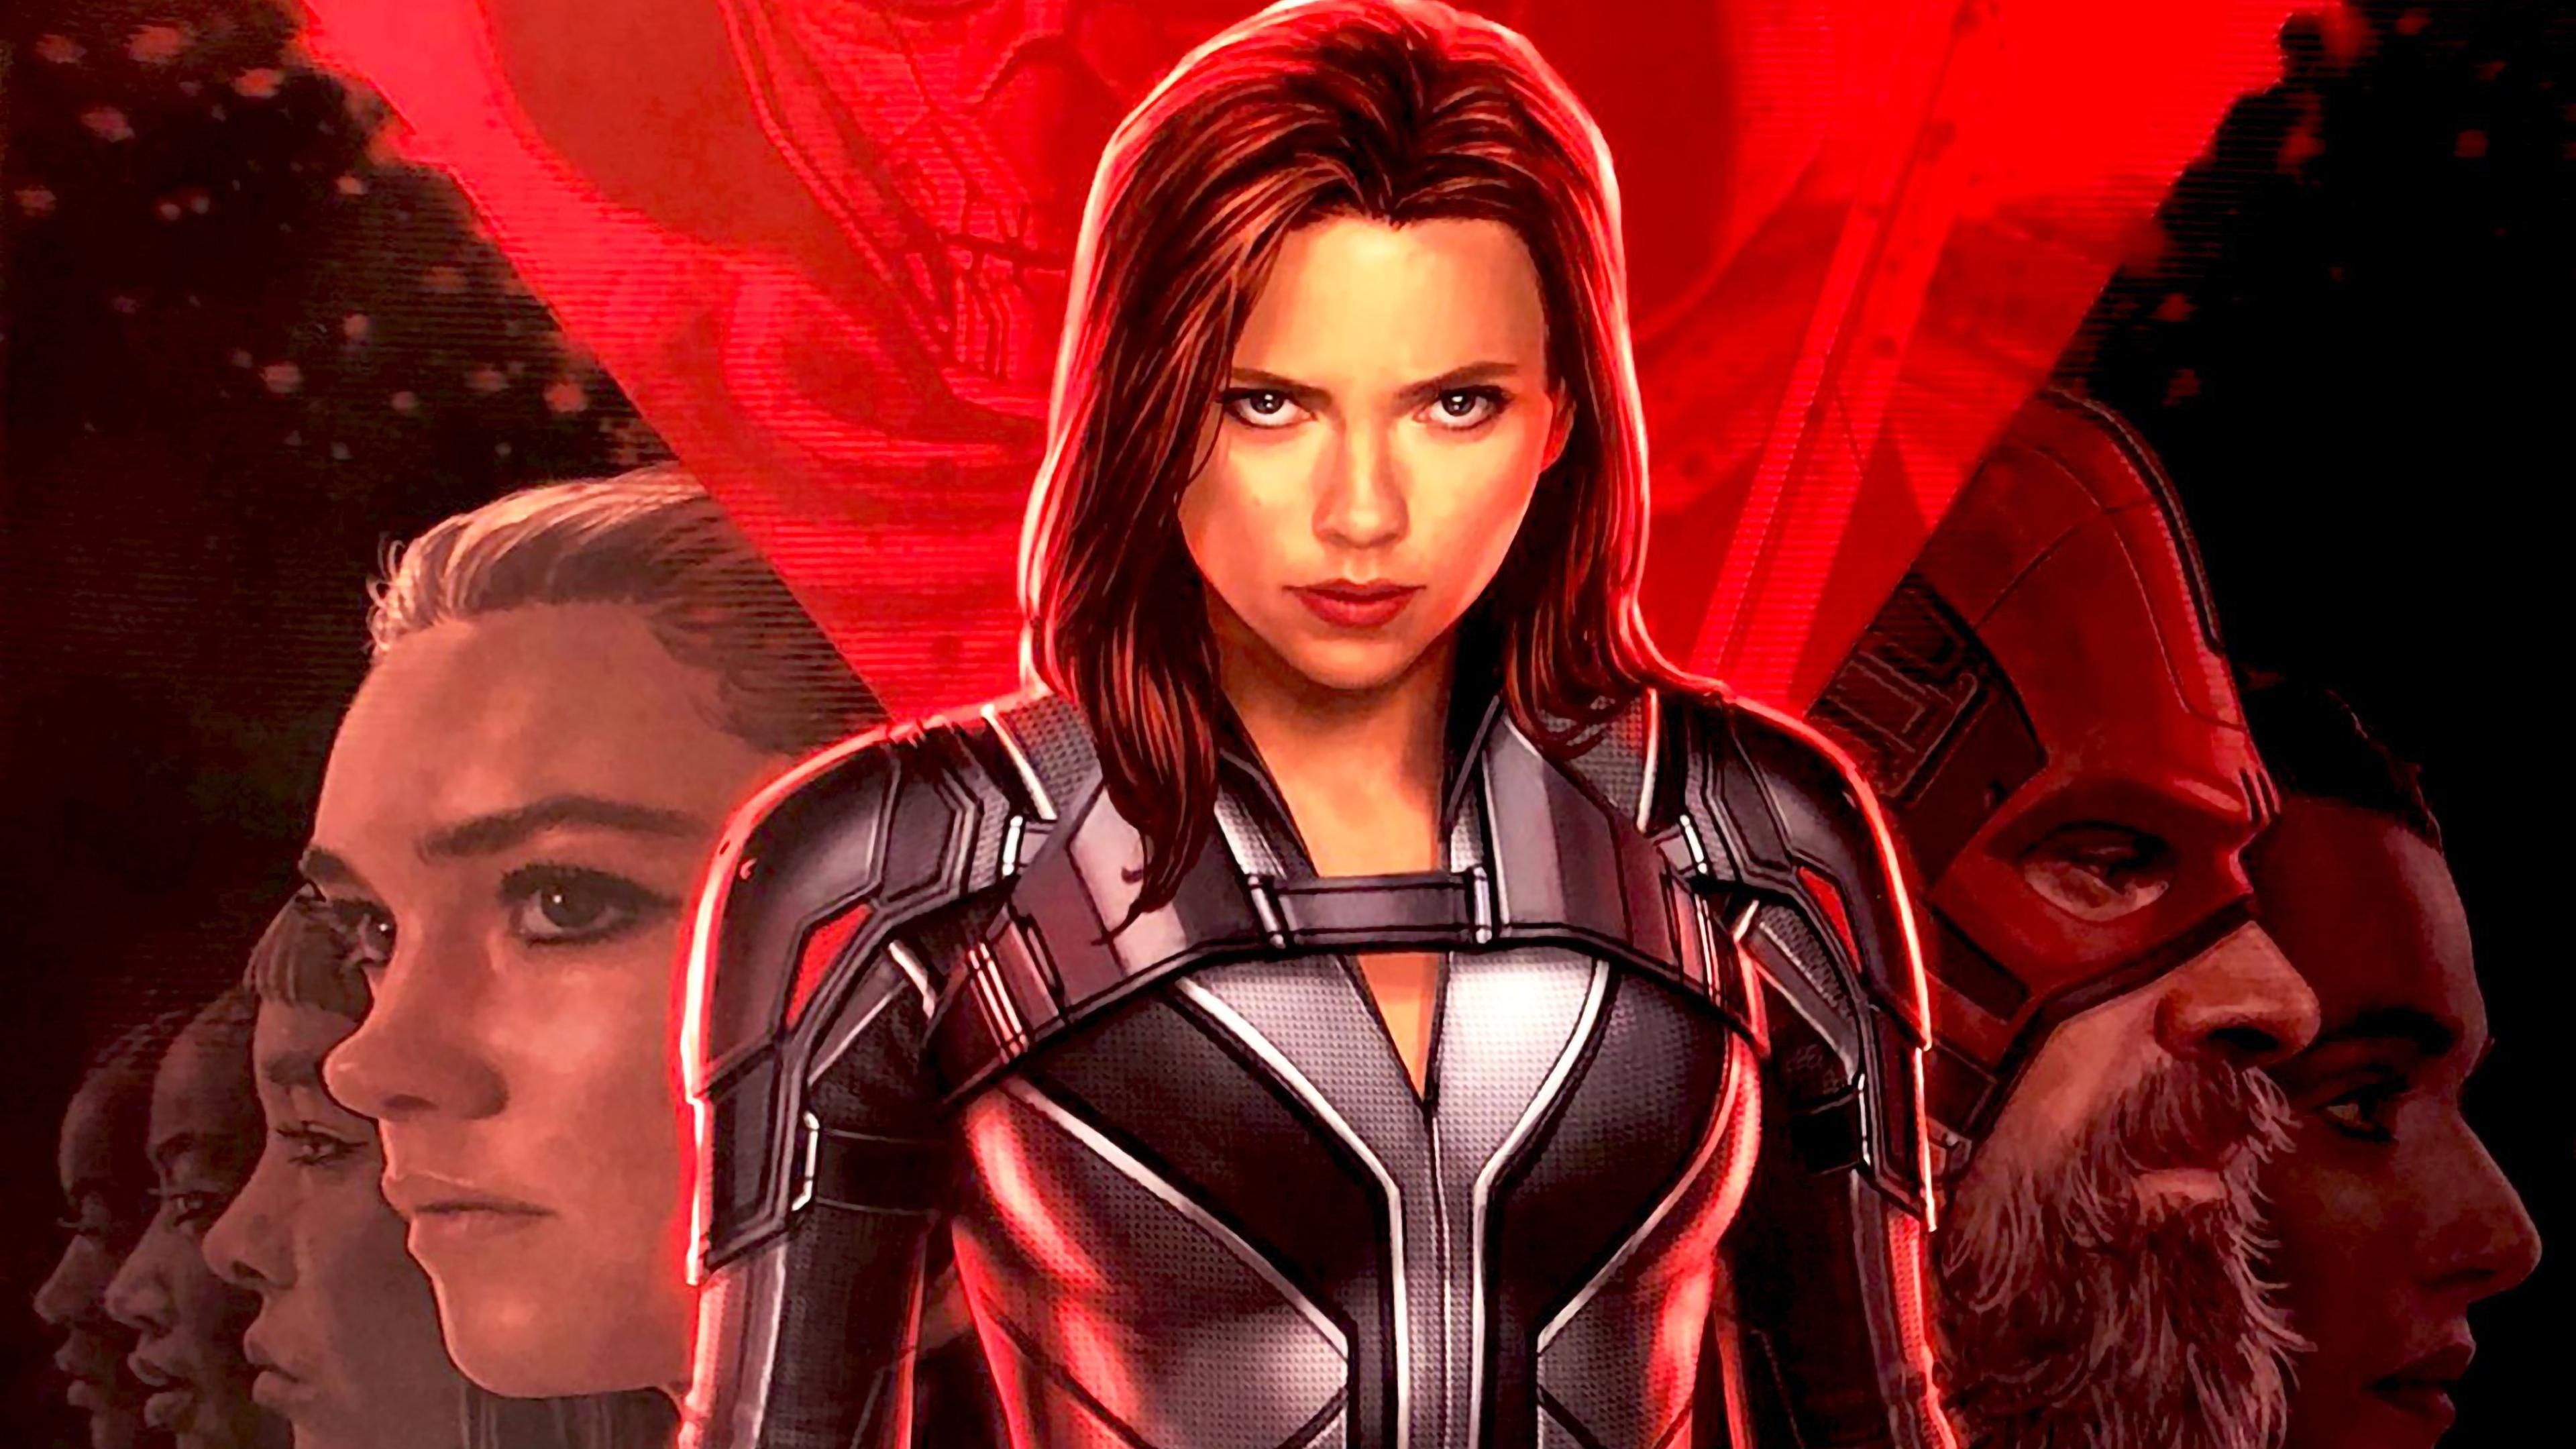 3840x2160 Black Widow Movie Poster 4k Wallpaper Hd Movies